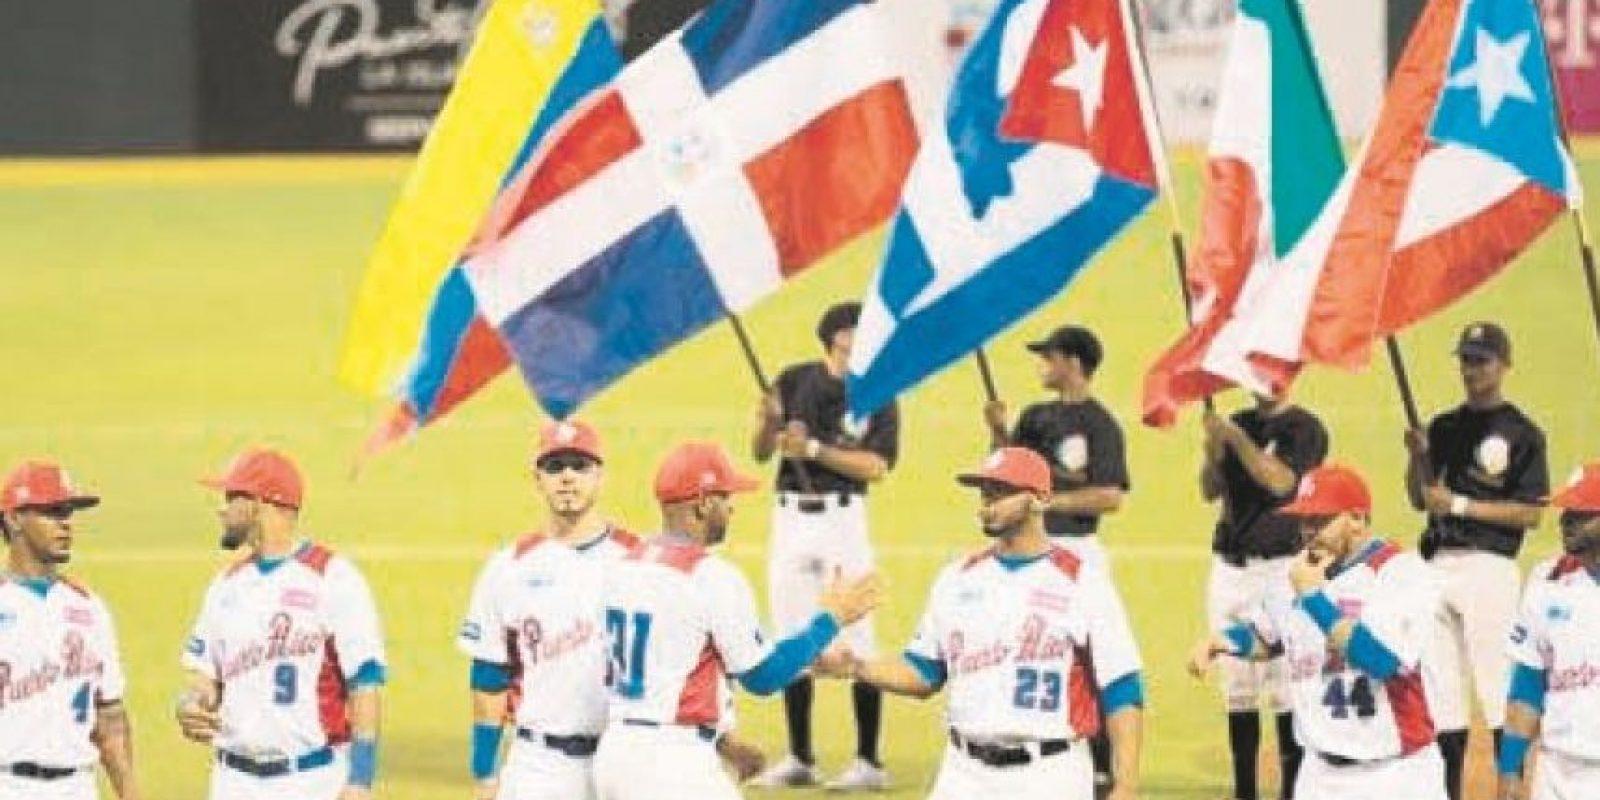 Serie del Caribe Santo Domingo La República Dominicana fue sede la sexagésima octava edición del torneo que reunió a los campeones de las ligas del béisbol de México (Venados de Mazatlán), Puerto Rico (Cangrejeros de Santurce), Venezuela (Tigres de Aragua), Cuba (Ciego de Avila) y Los Leones del Escogido, como locales. La mejor parte se la llevaron los Venados de Mazatlán que ganaron el evento. Foto:Fuente externa